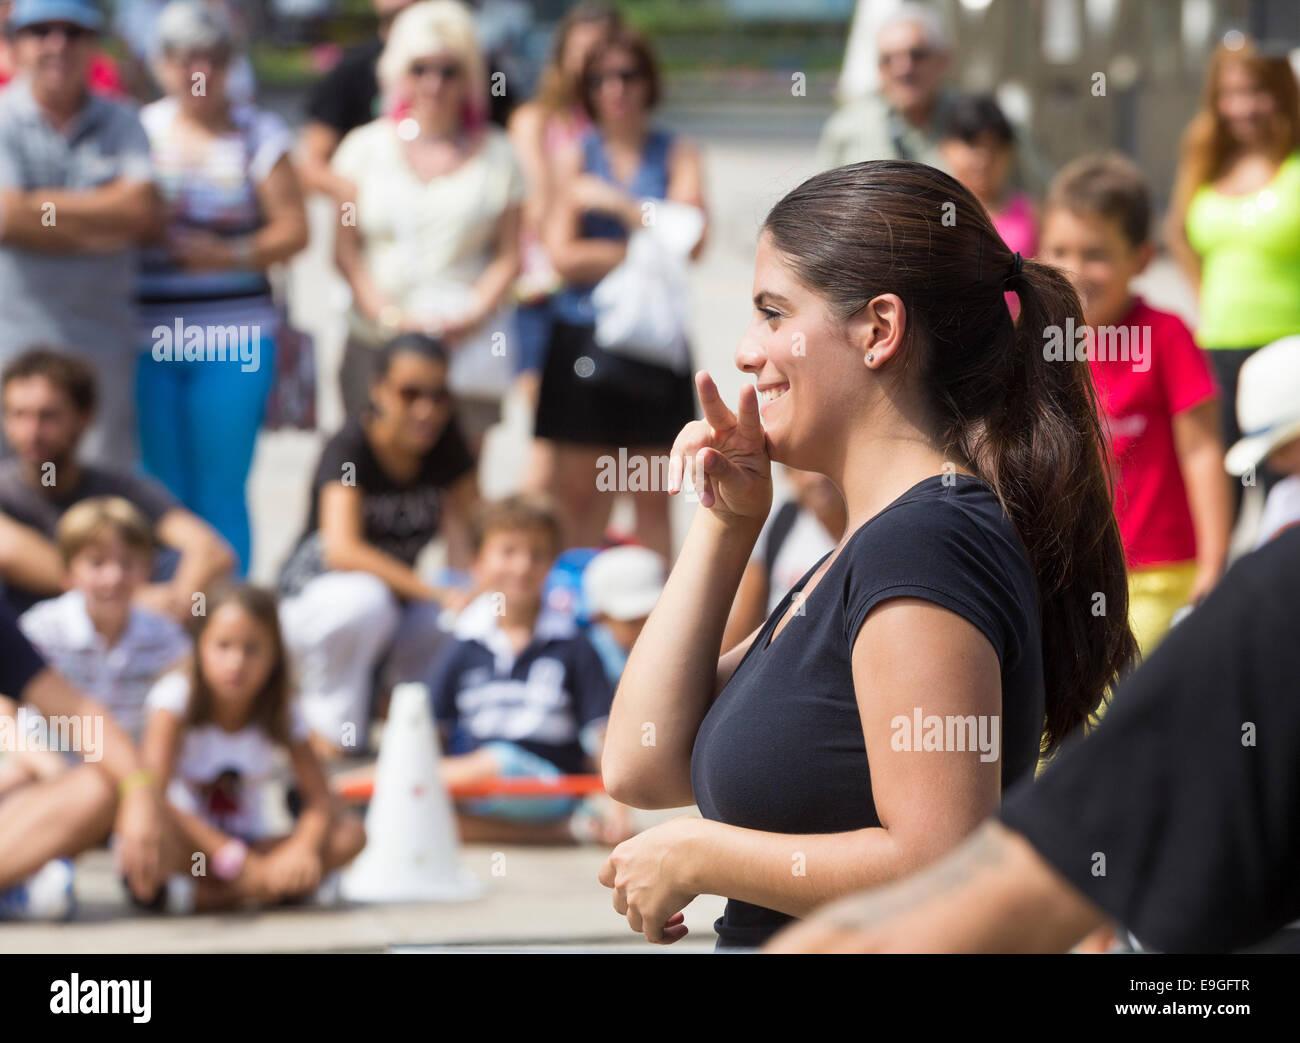 Spanish sign language interpreter at intercultural meeting in Spain - Stock Image